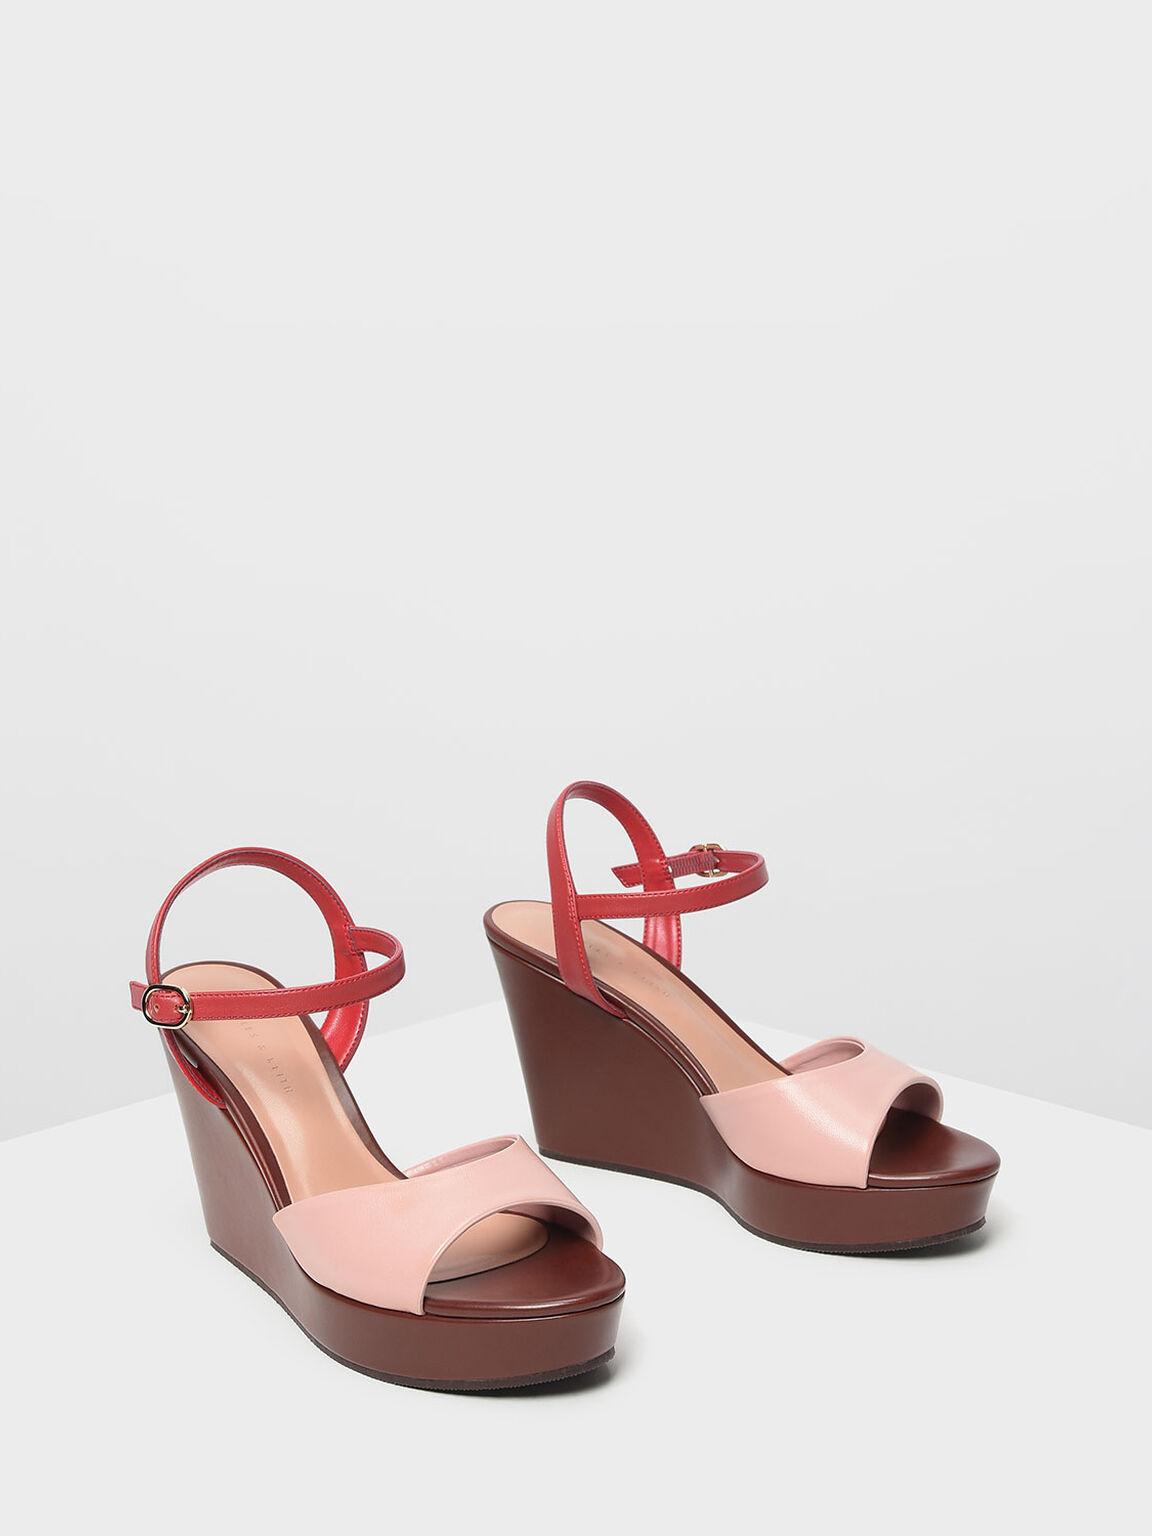 Ankle Strap Wedges, Multi, hi-res